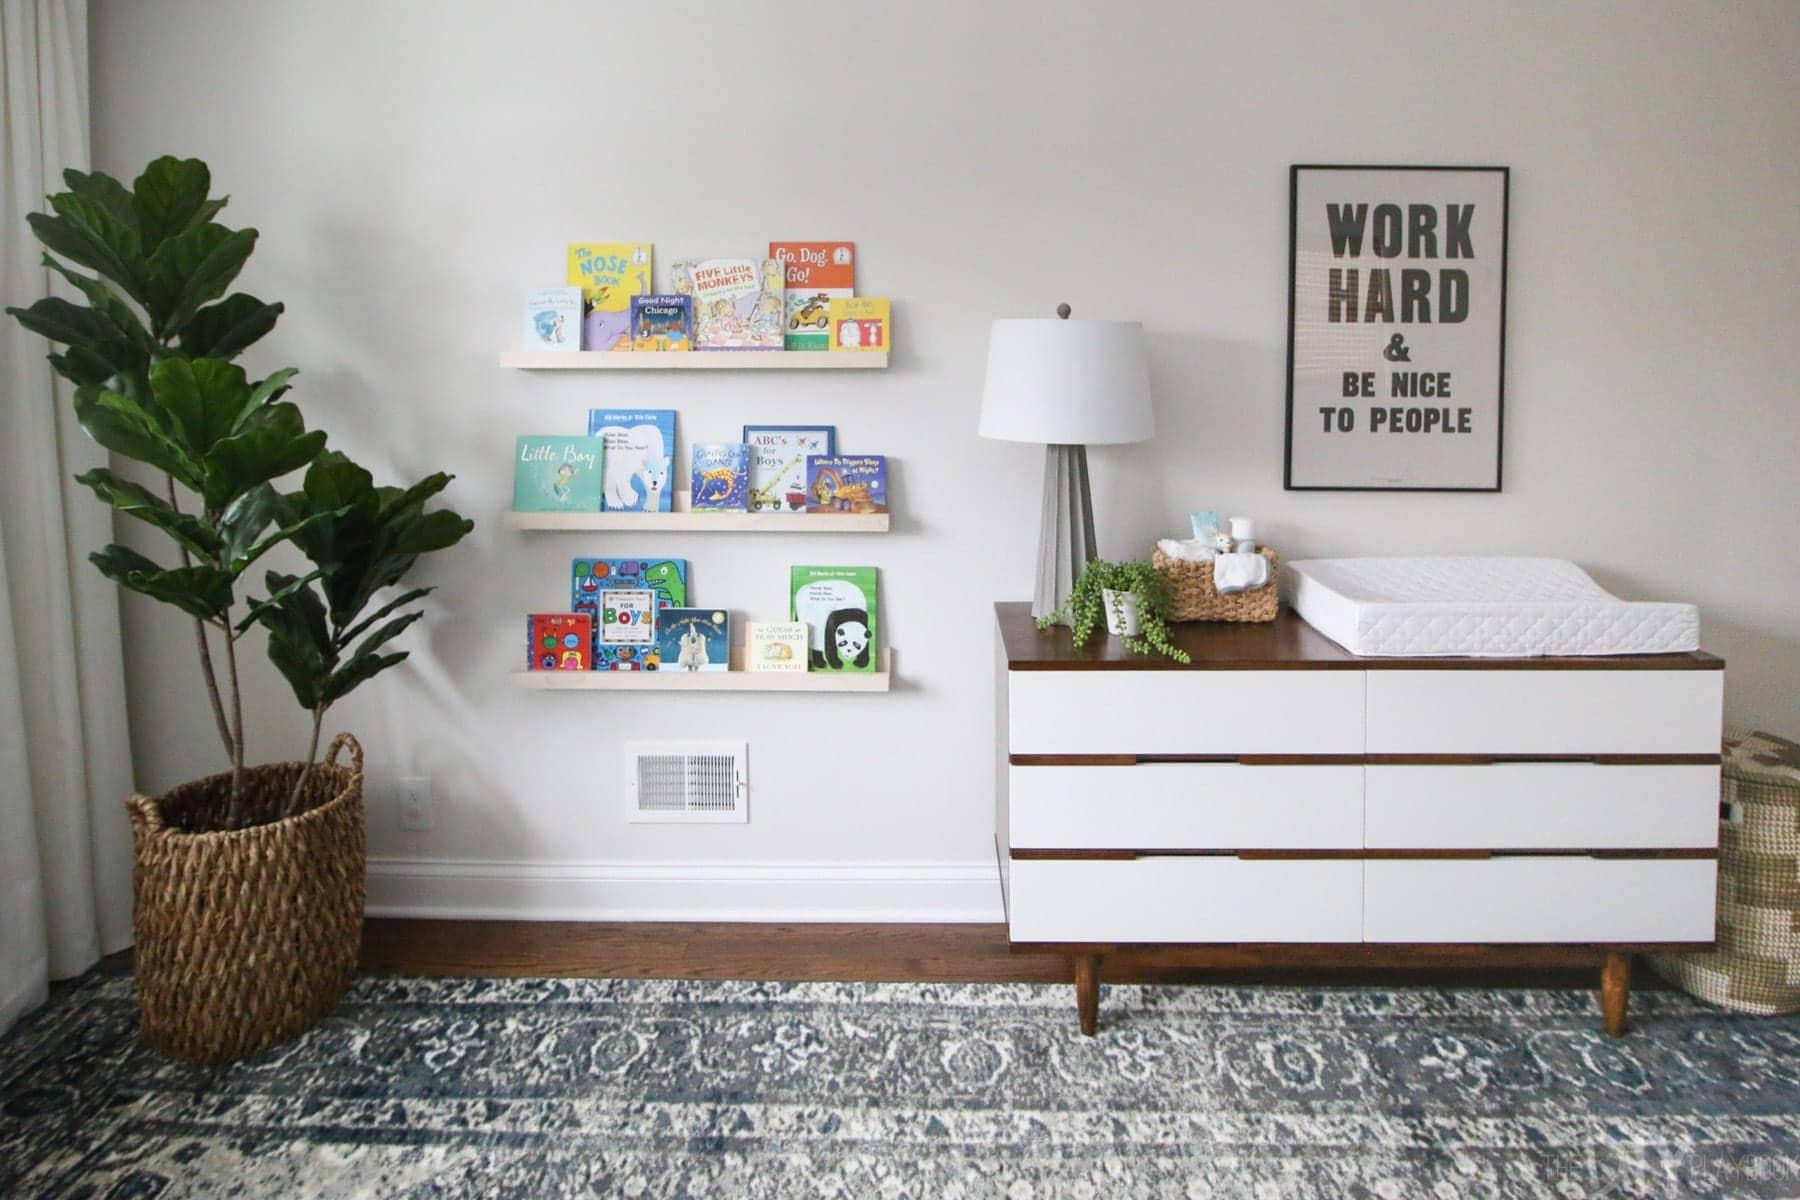 DIY book ledges for a nursery